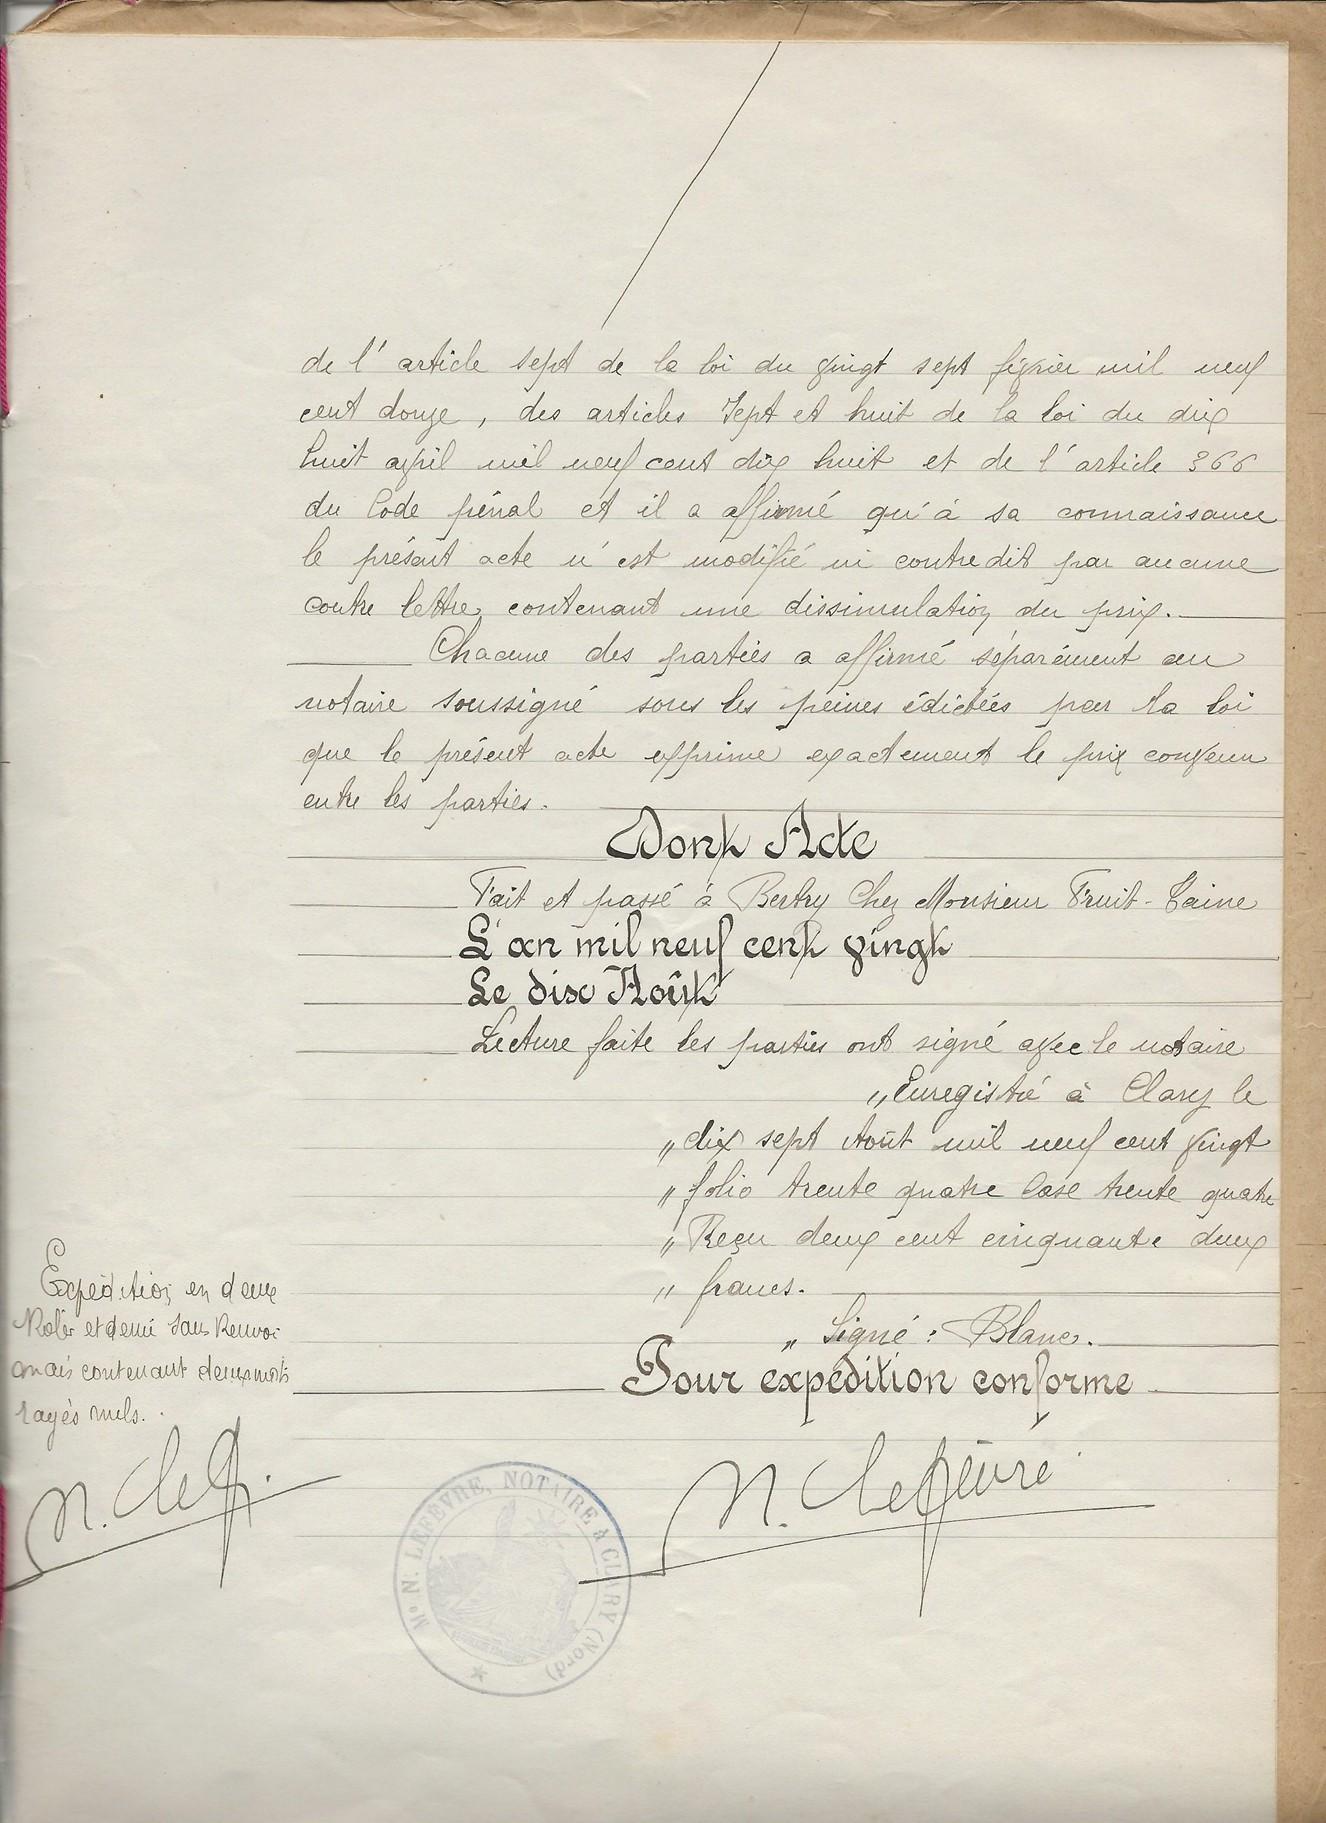 1920 vente meresse x laude a fruit wanecq 005